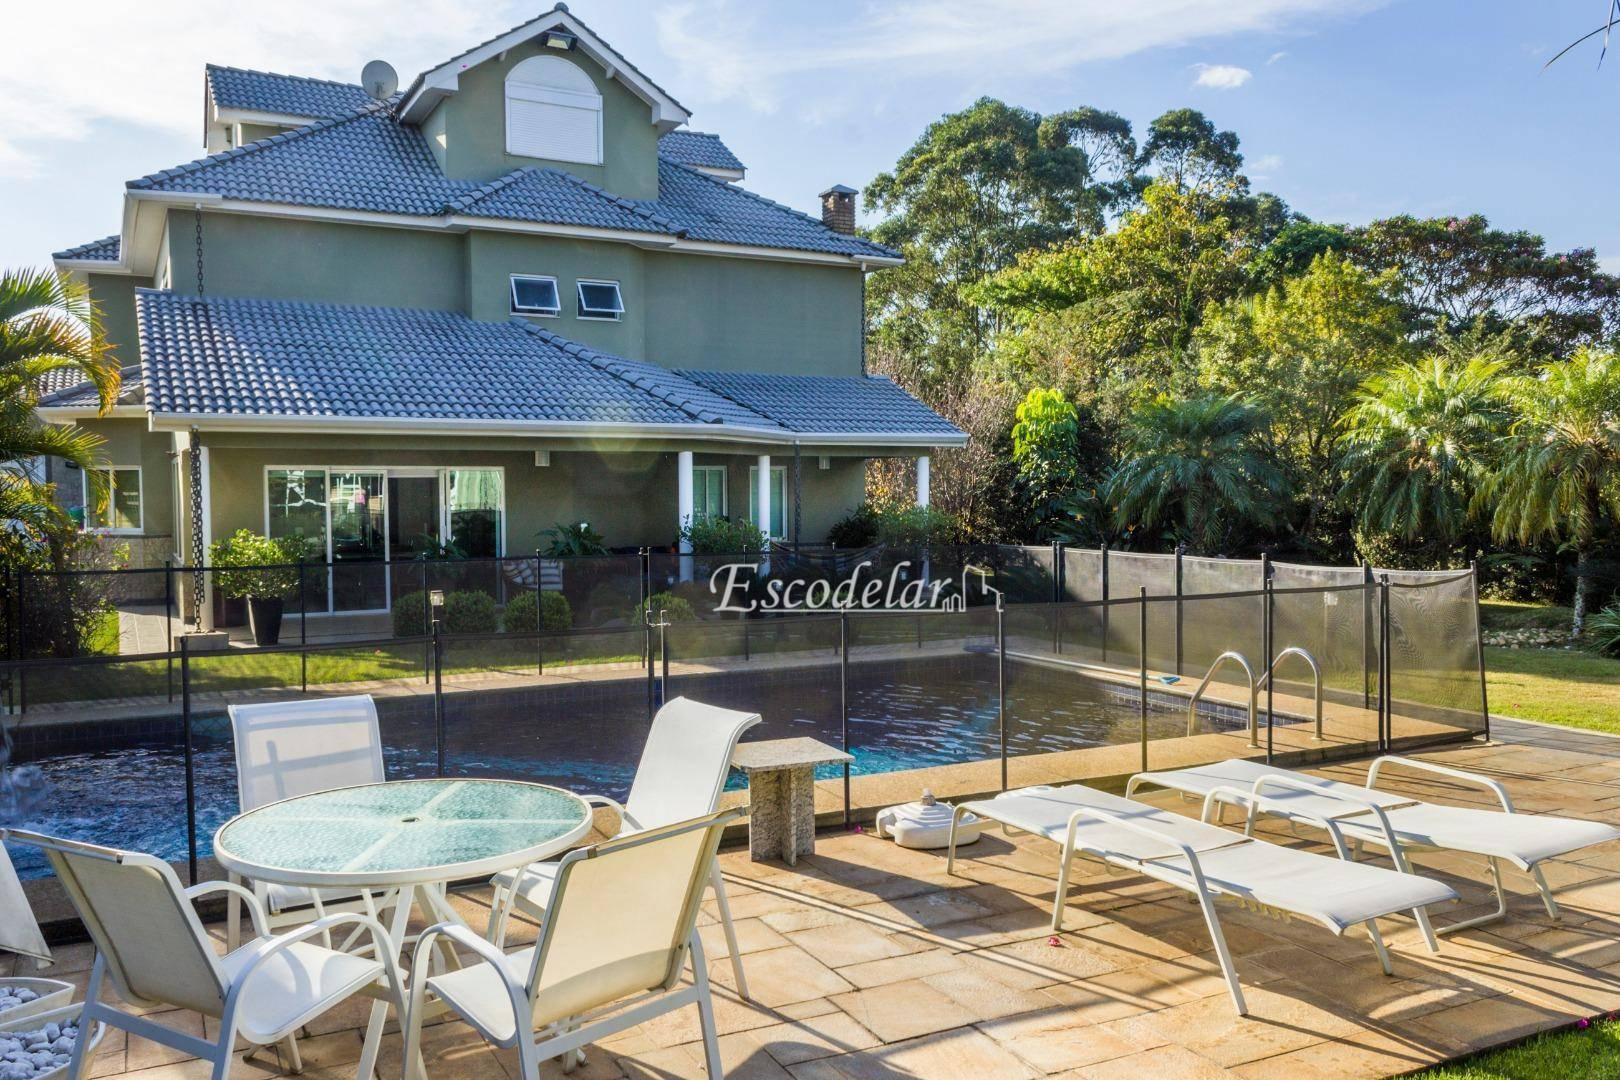 Casa à venda, 573 m² por R$ 4.200.000,00 - Roseira - Mairiporã/SP